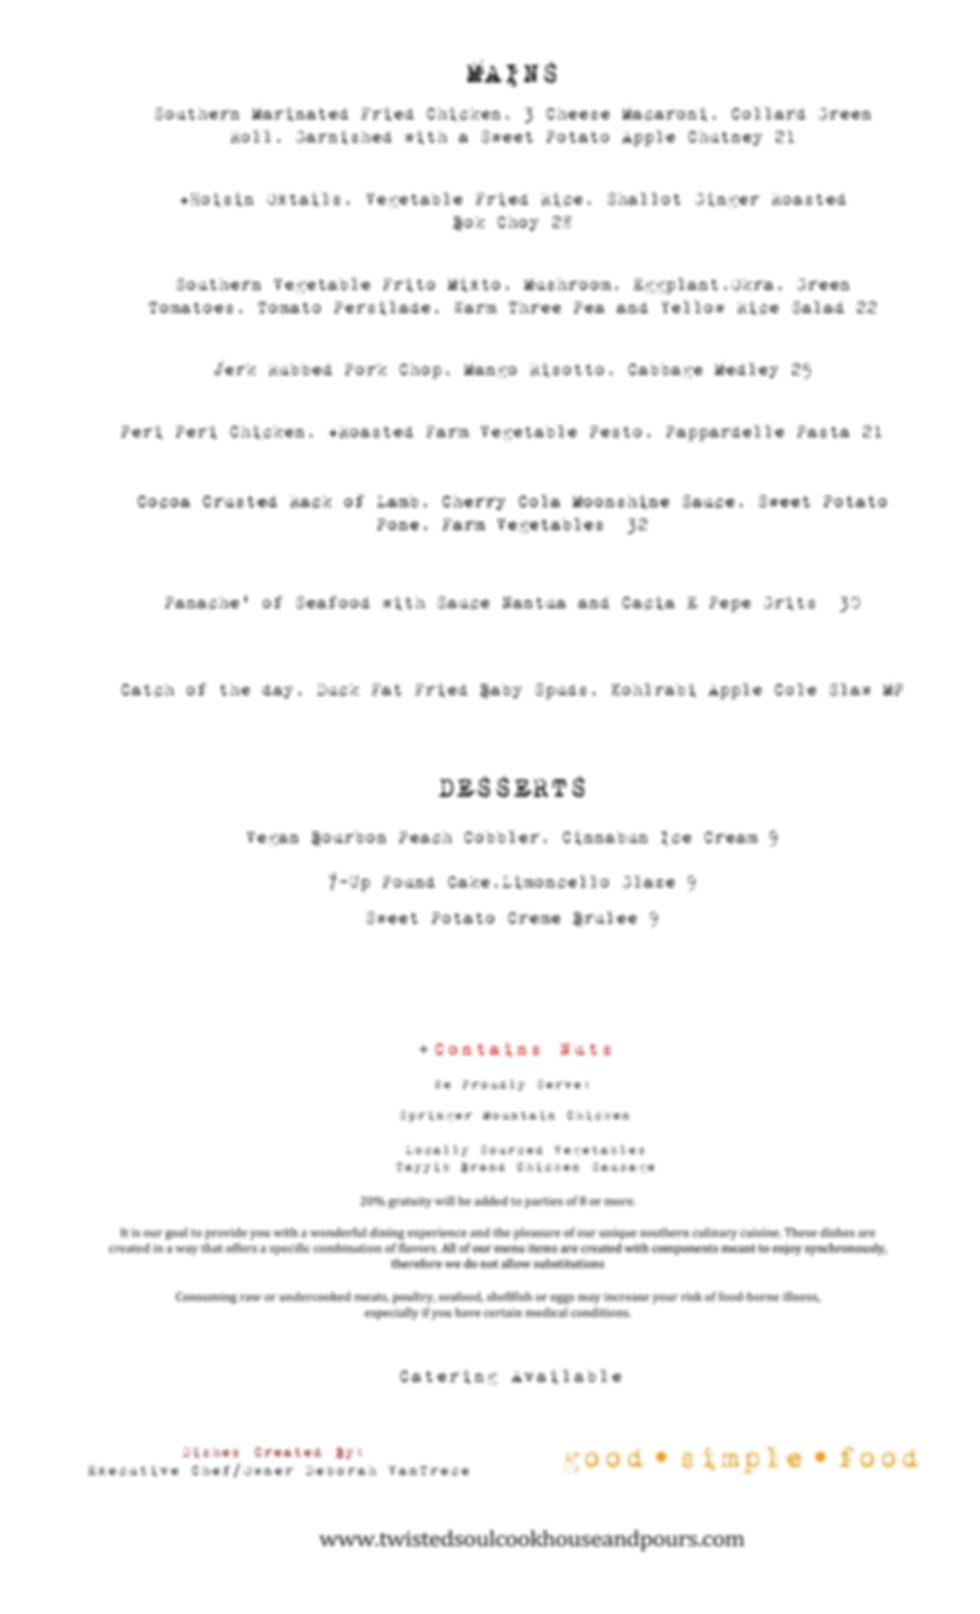 2020 Dinner Menu 06  19 -2.jpg